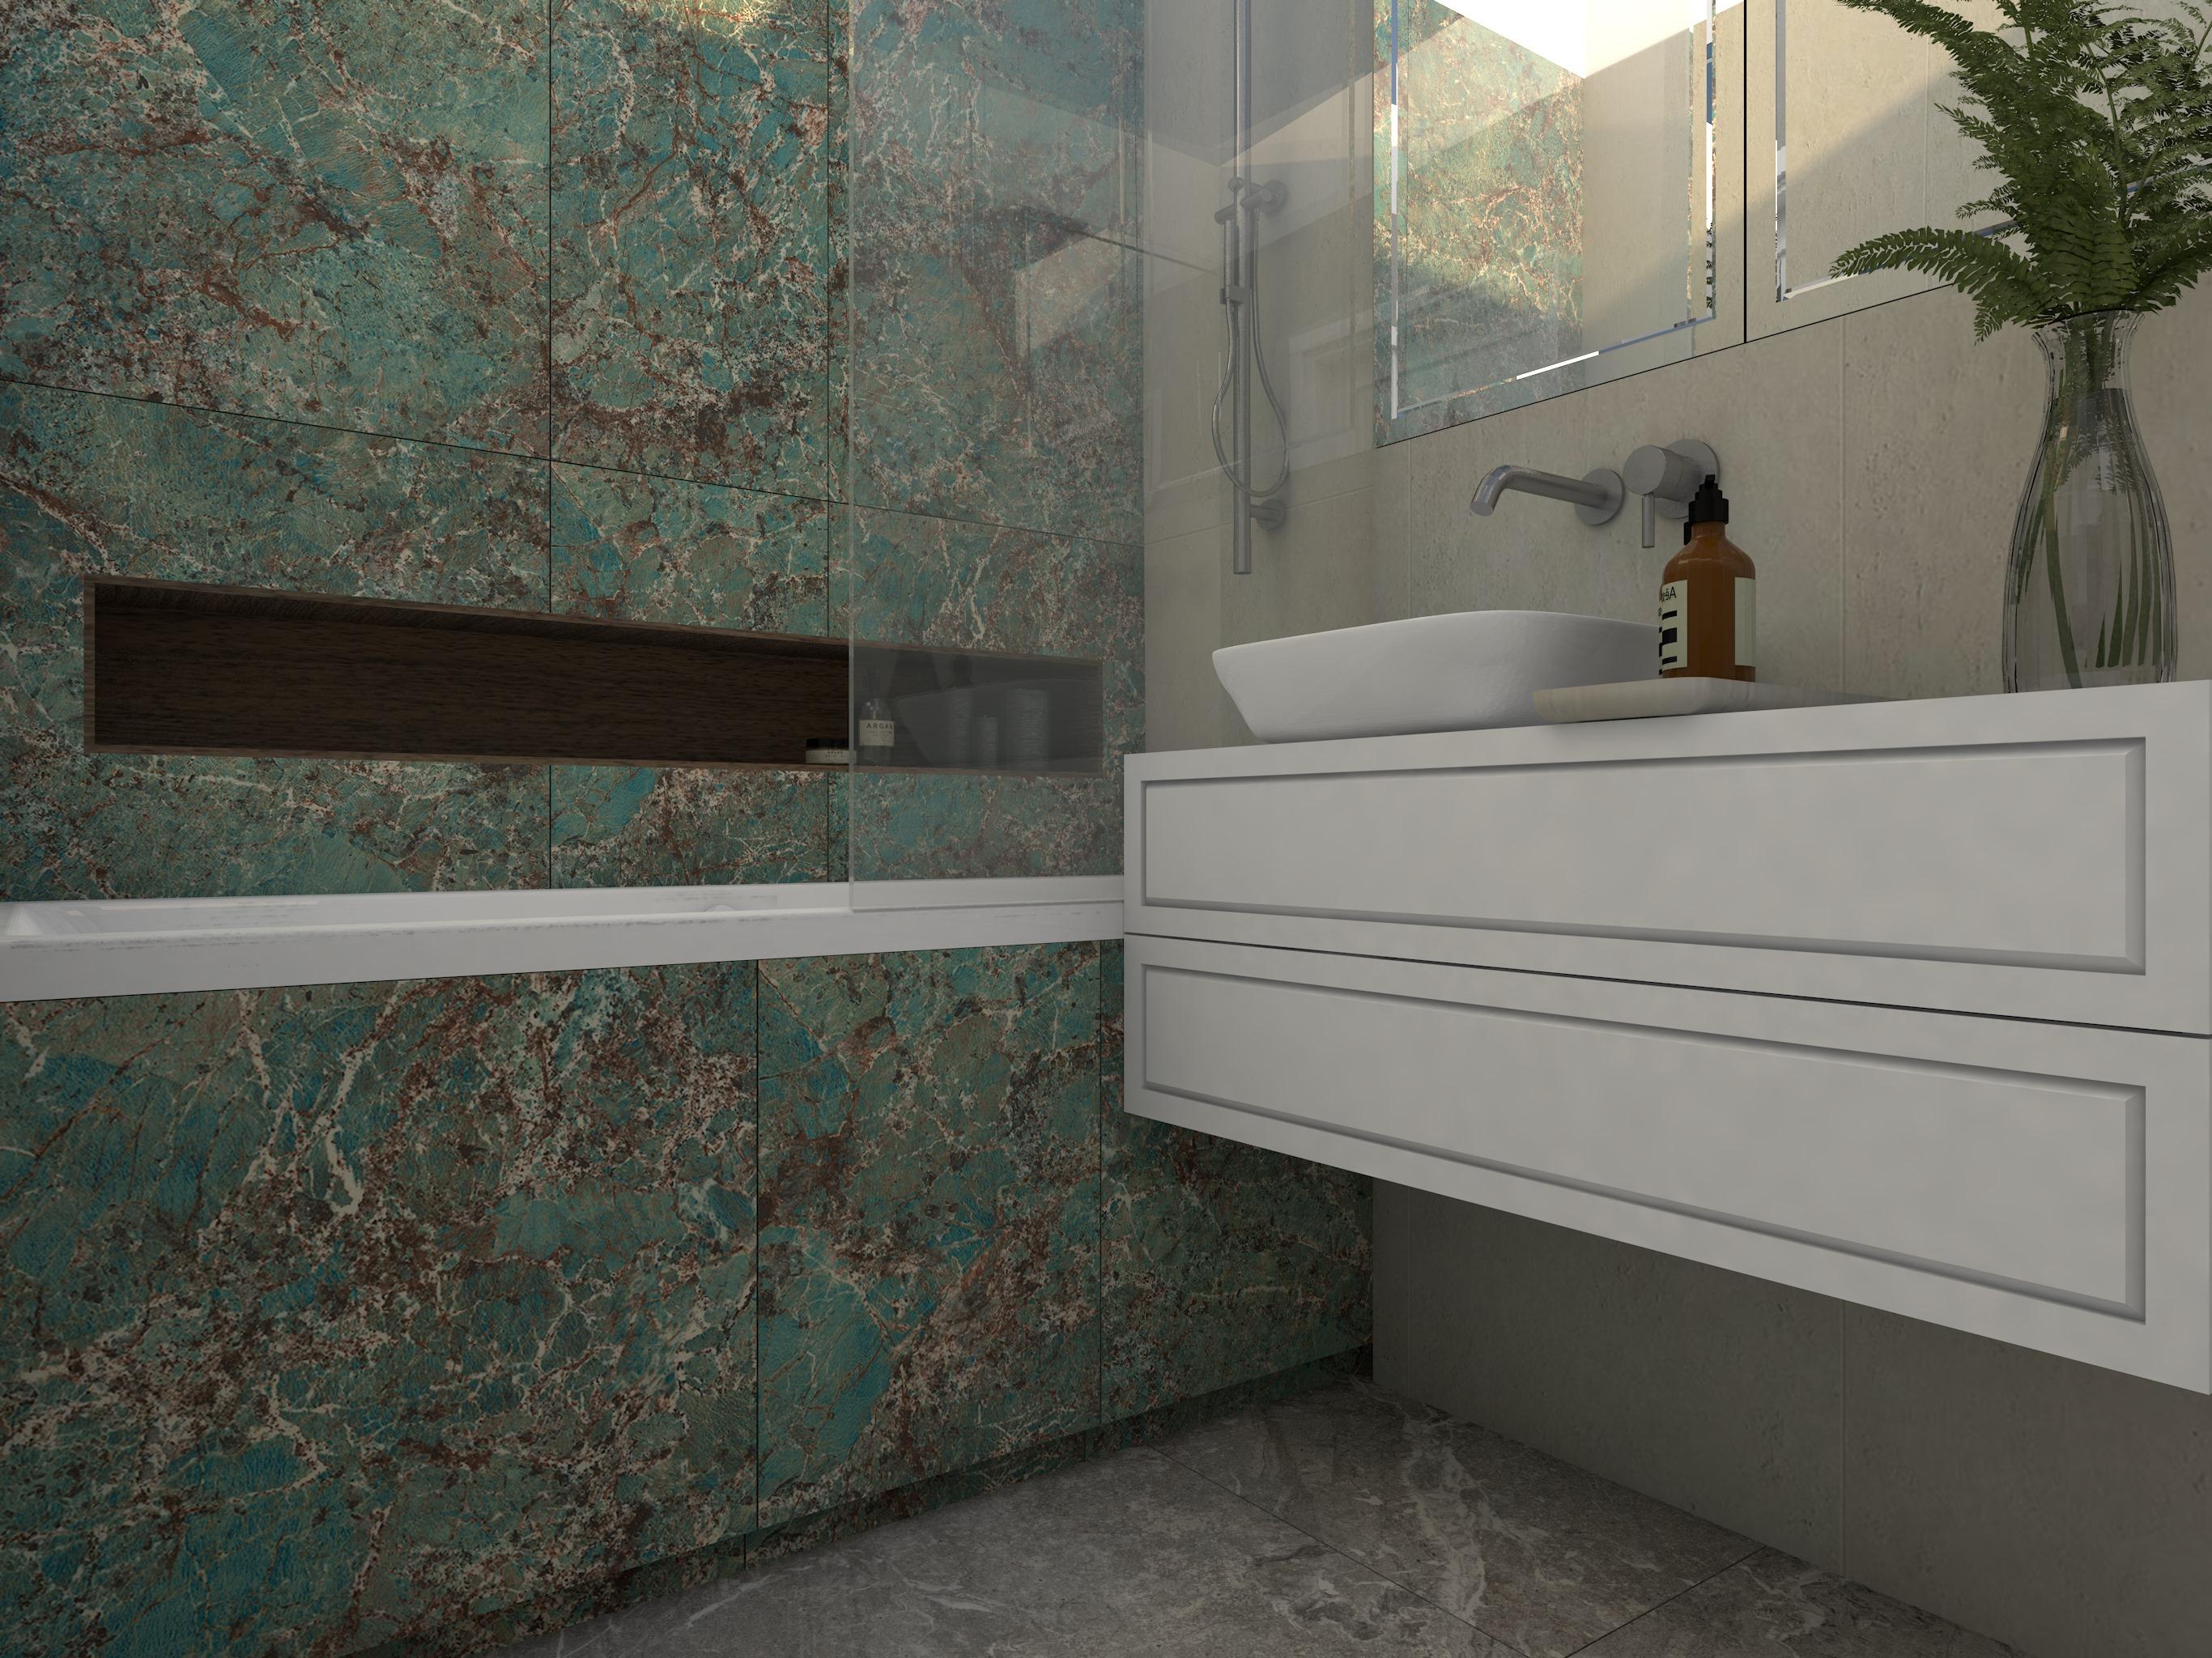 Nowoczesna łazienka z zielonymi płytkami